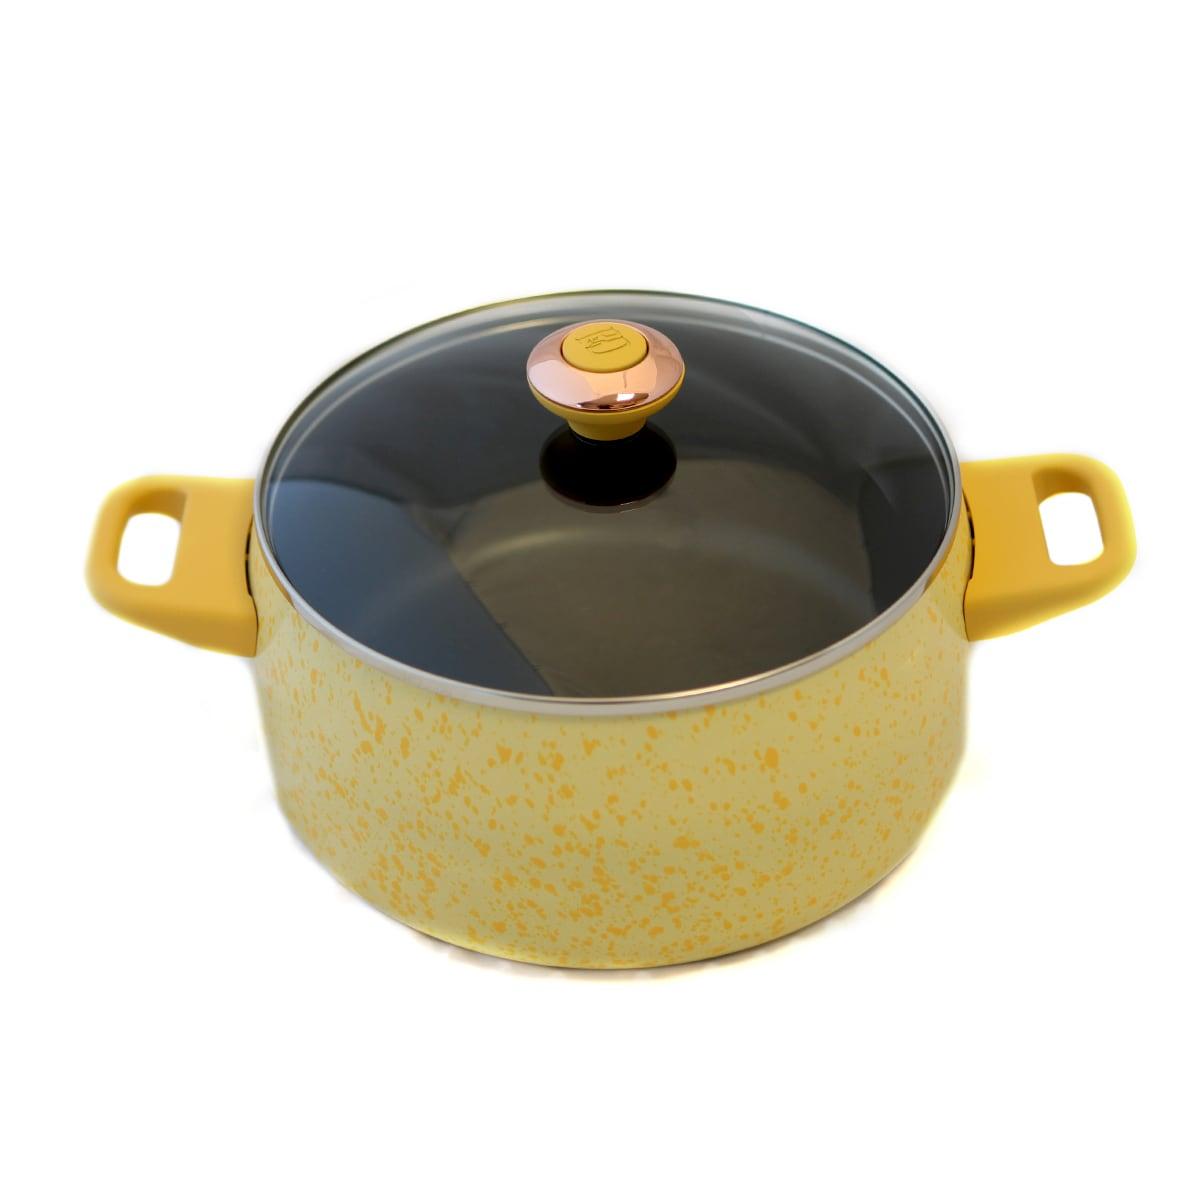 Paula Deen Signature Porcelain 'Butter' 6-quart Stockpot